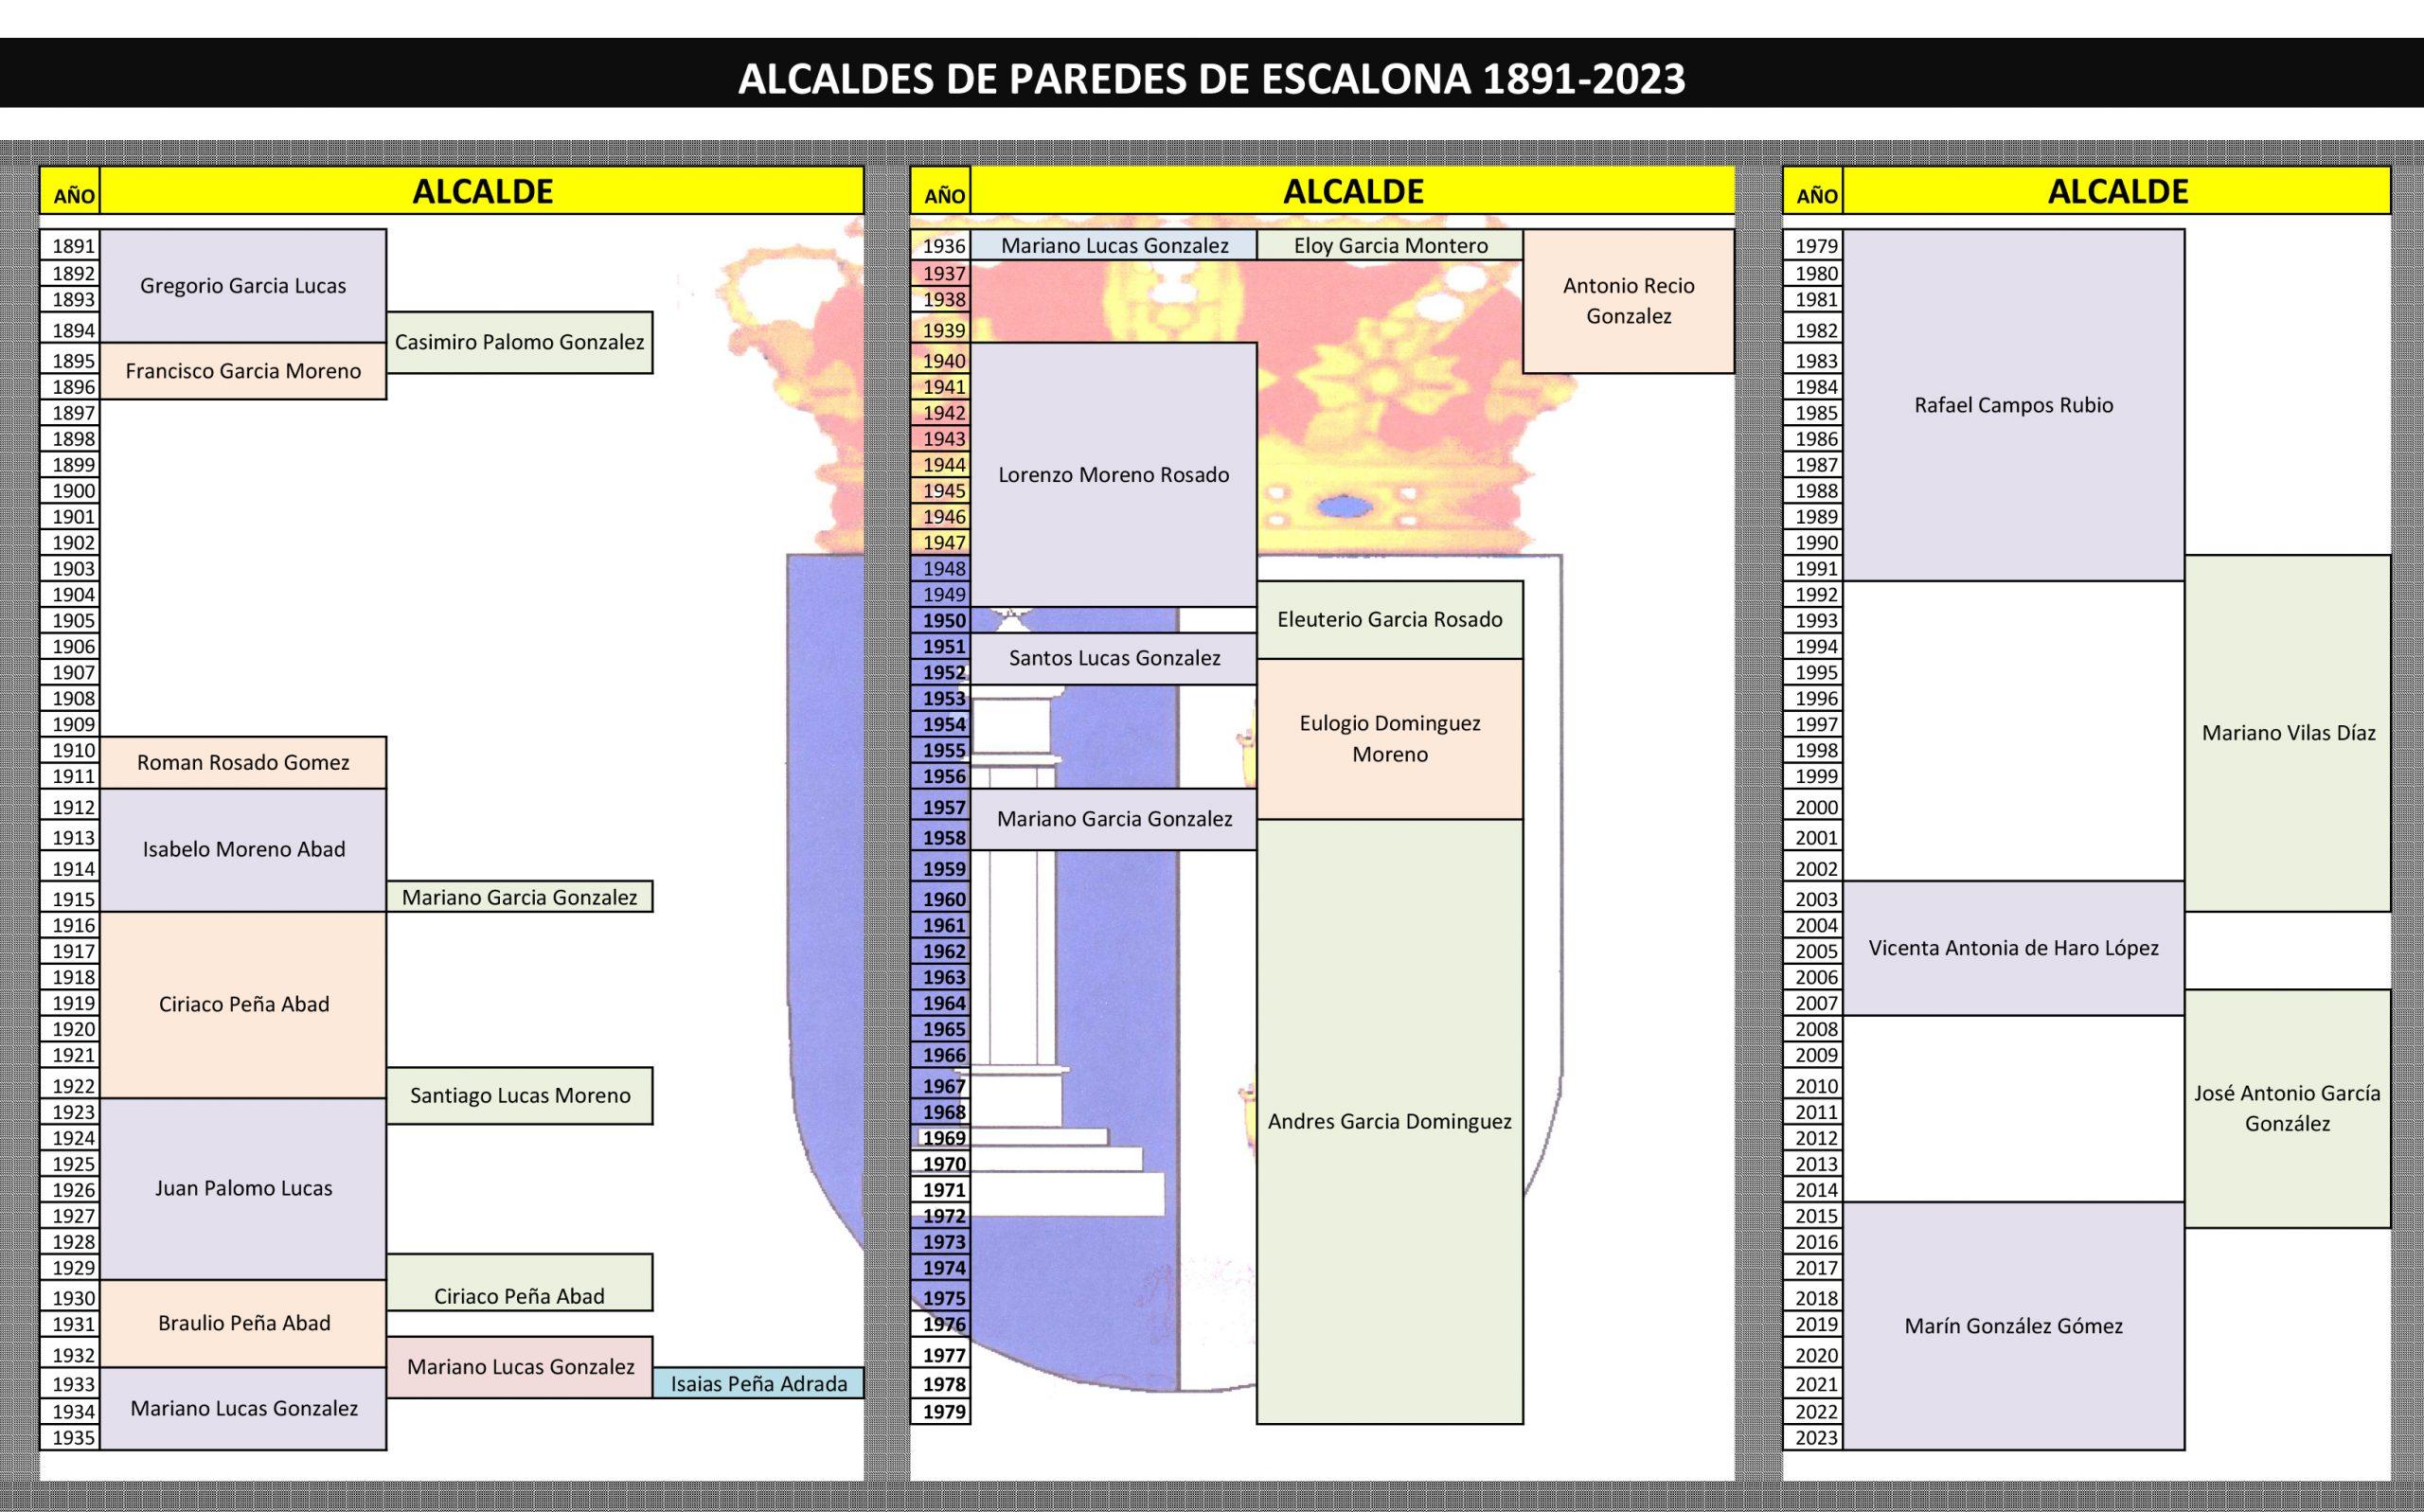 Alcaldes de Paredes de Escalona desde 1891 - Ayuntamiento de Paredes de Escalona